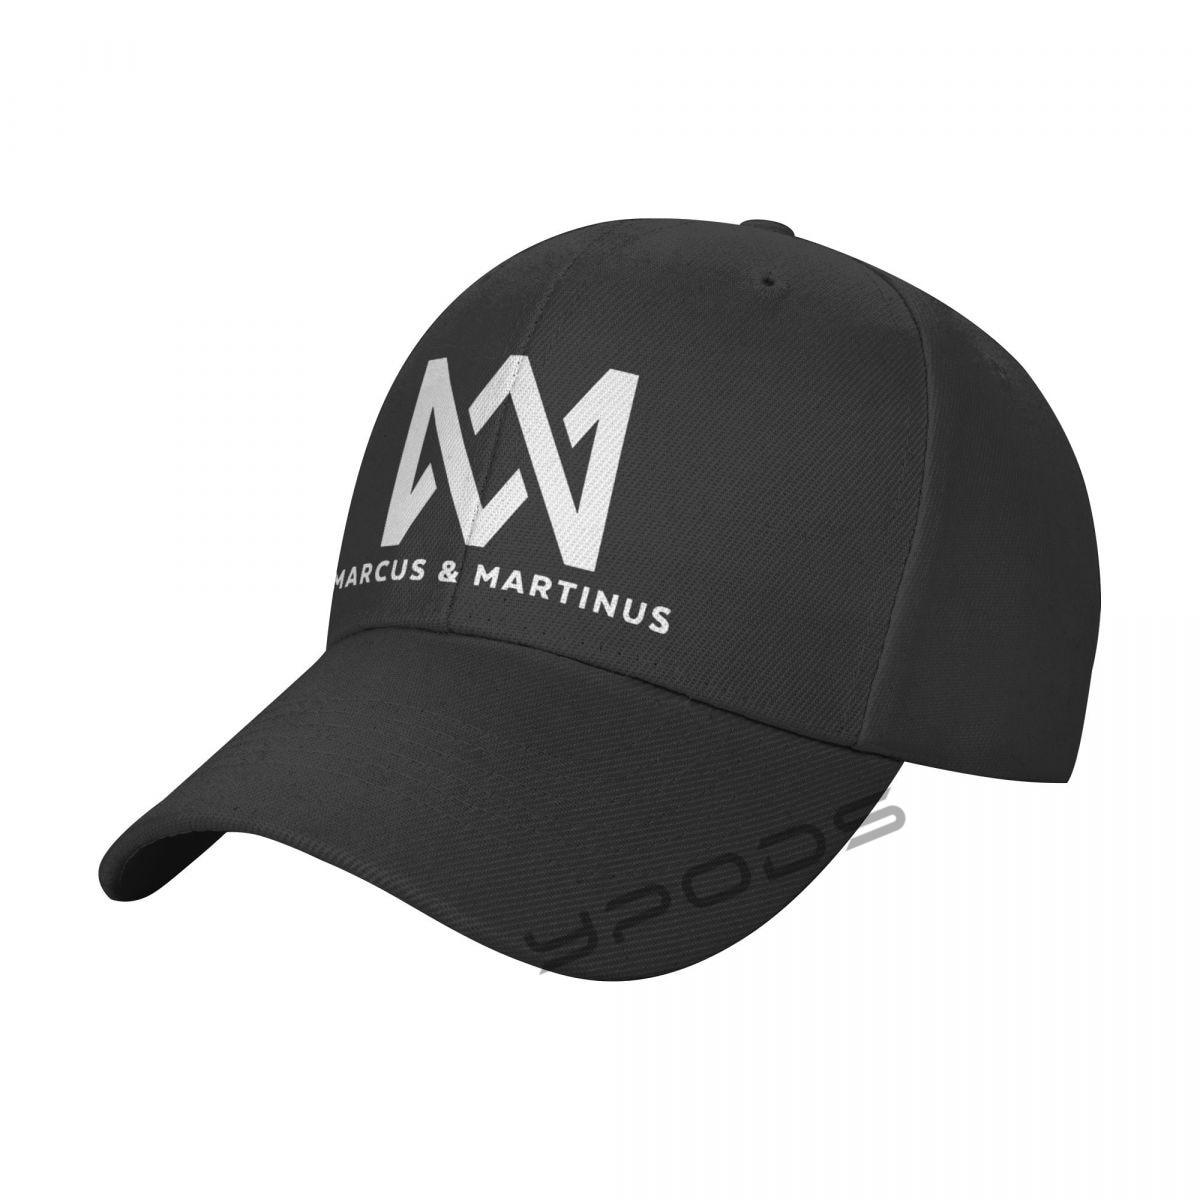 Однотонные бейсболки Маркуса мартинуса, многоцветные мужские и женские кепки с козырьком, регулируемые повседневные спортивные кепки